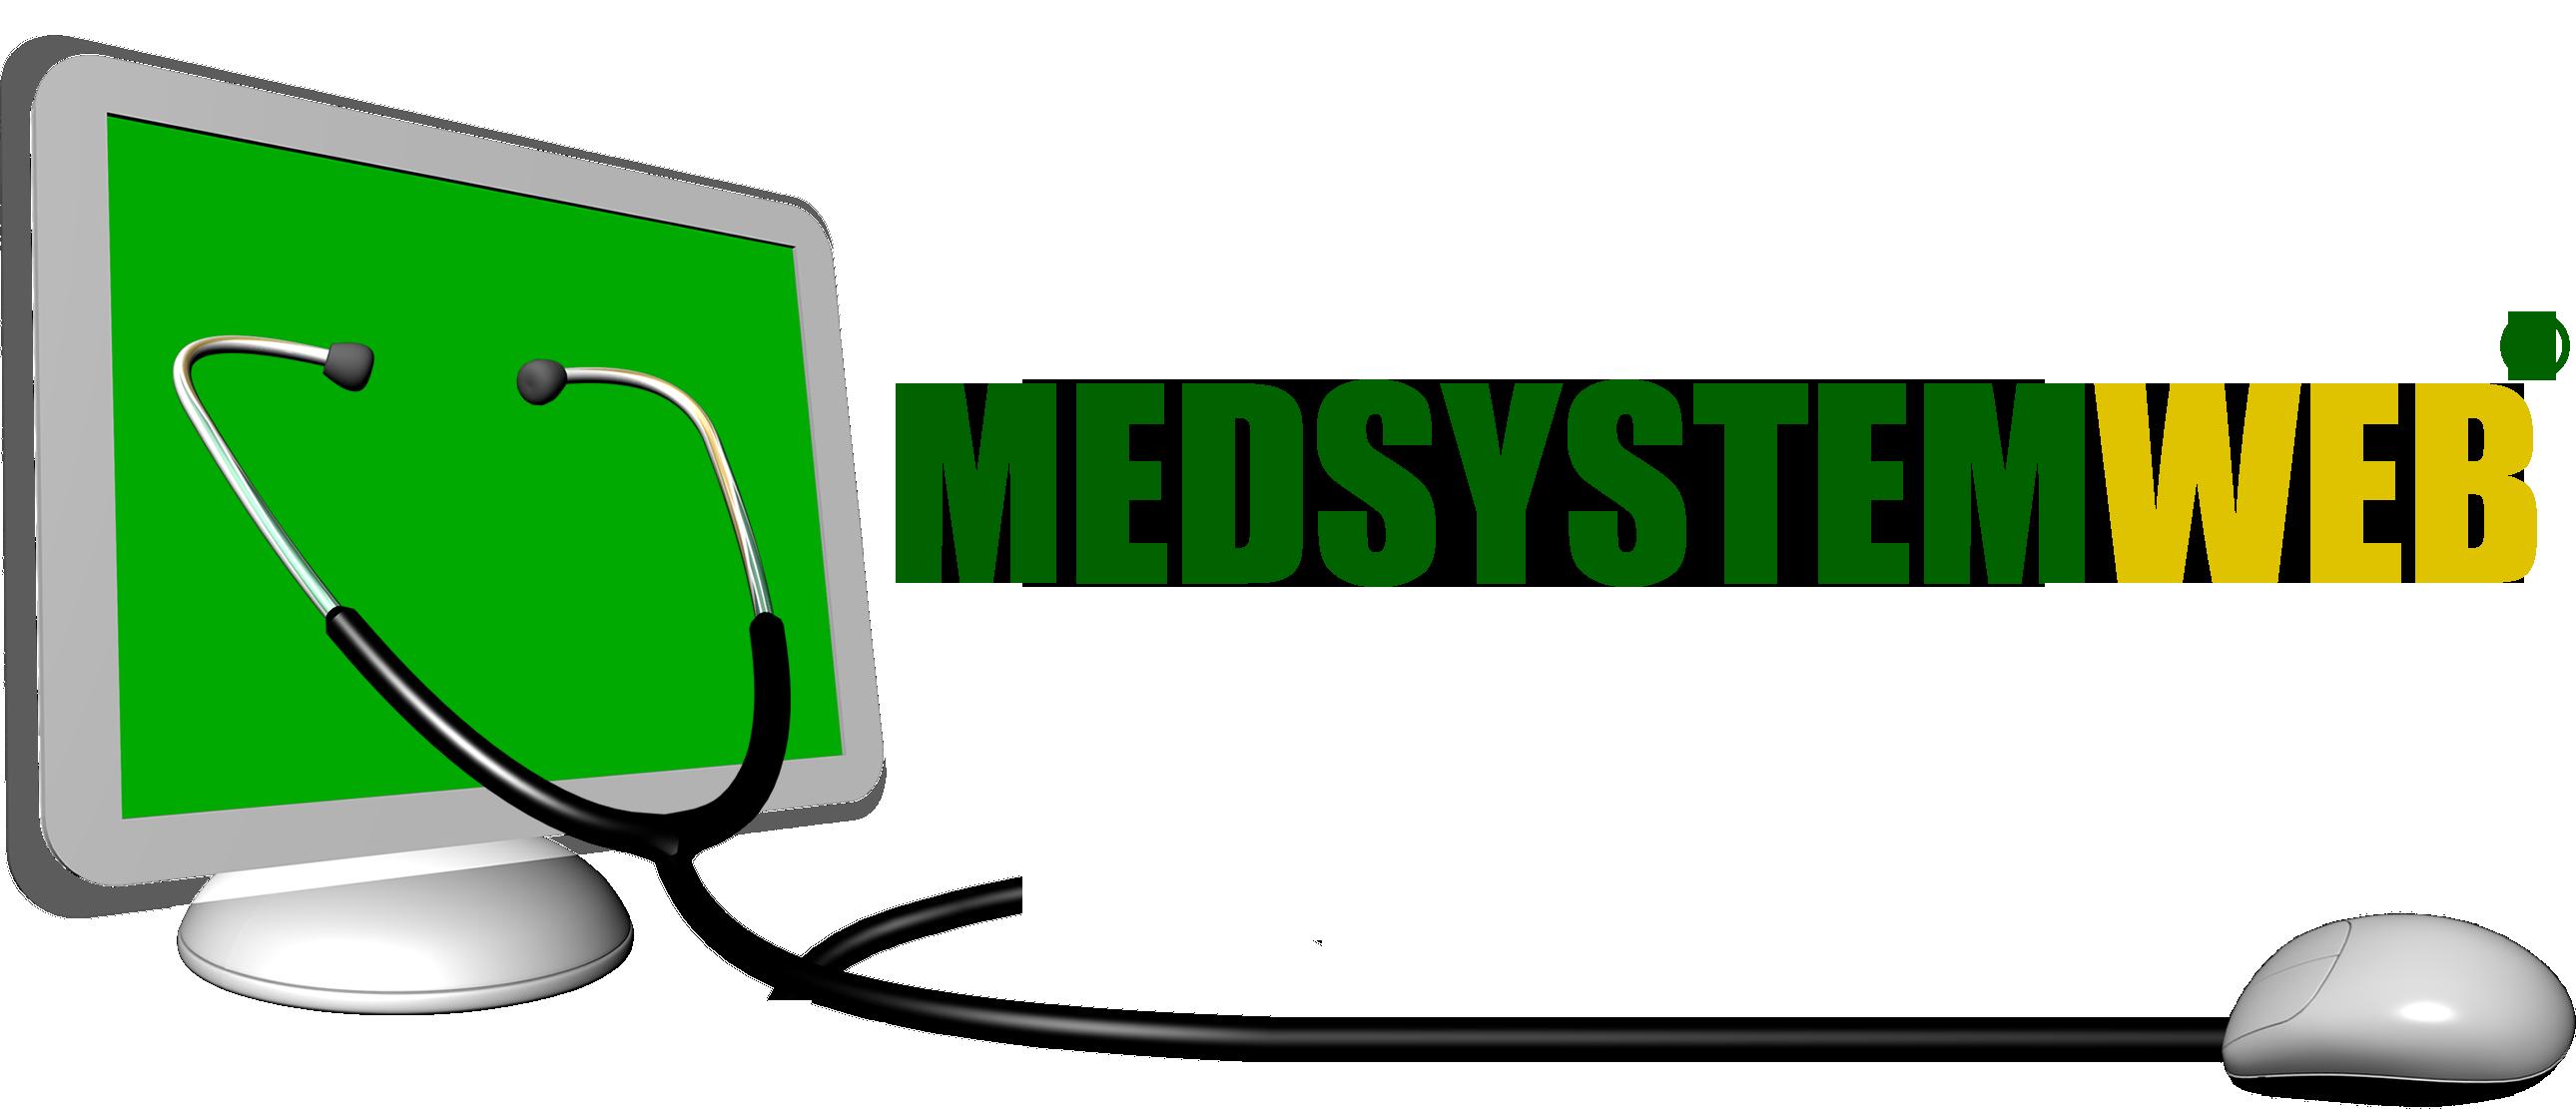 Curso da Solução Medsystem Web  - Gestão de Clínicas Médicas pela Tecnologia da Informação e Comunicação